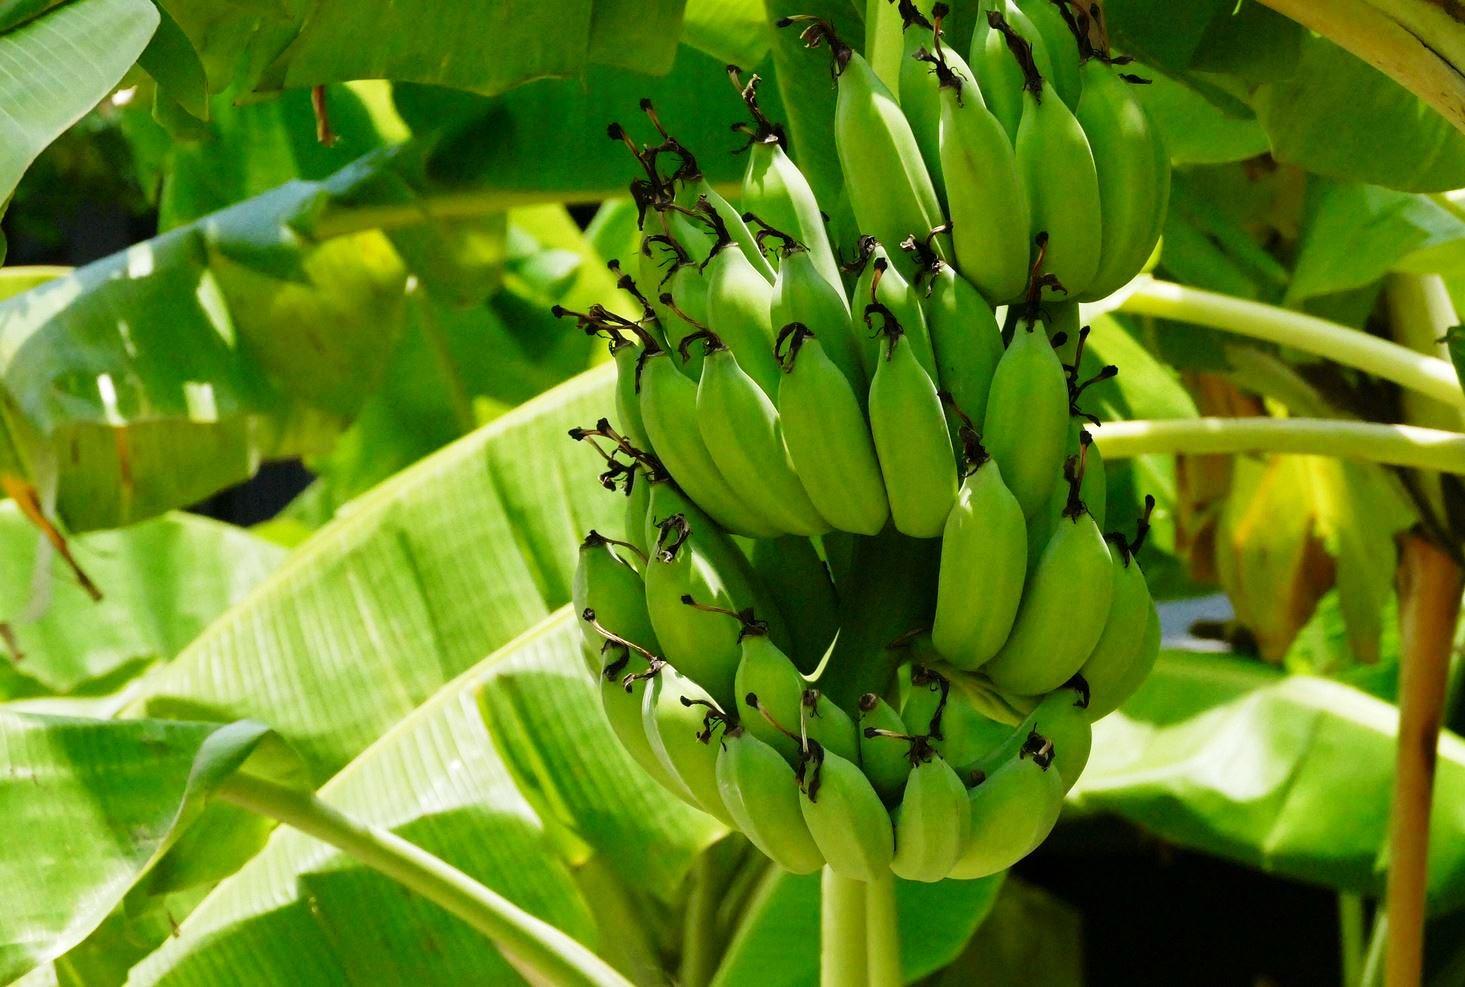 Pianta Di Banana Foto infezione fungina sta devastando colture di banane nelle